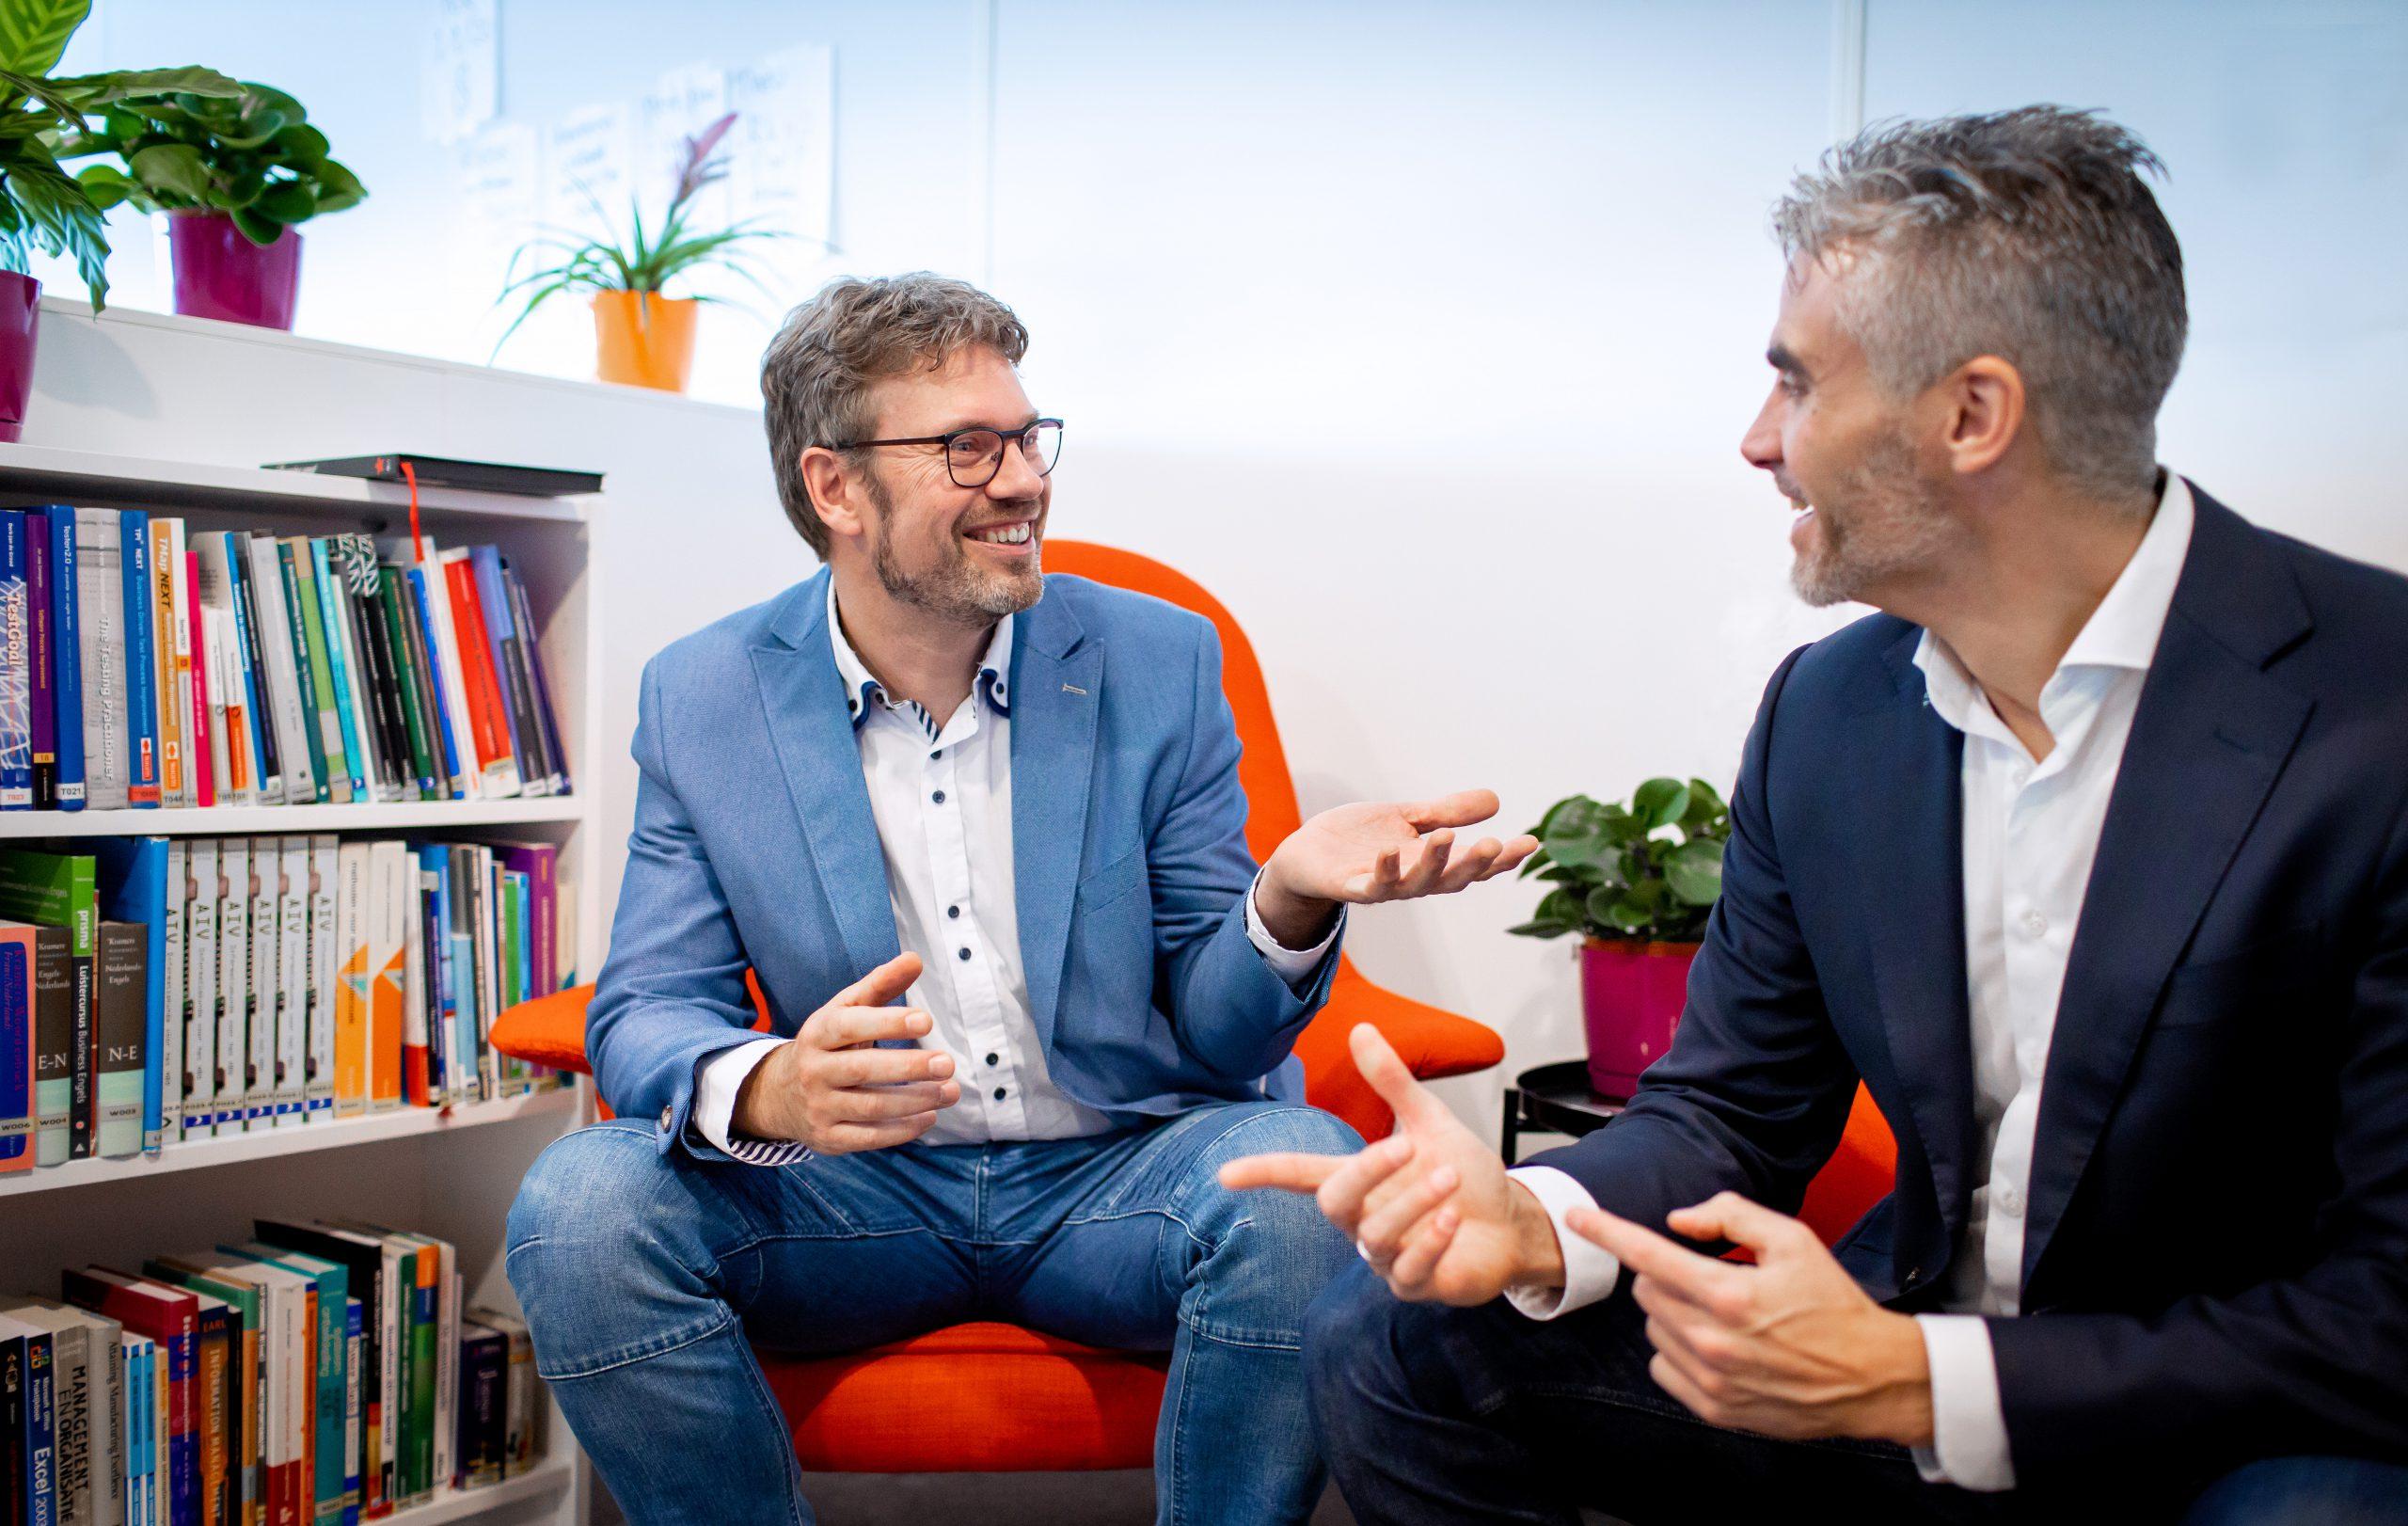 Agile coaching Derk-Jan de Grood